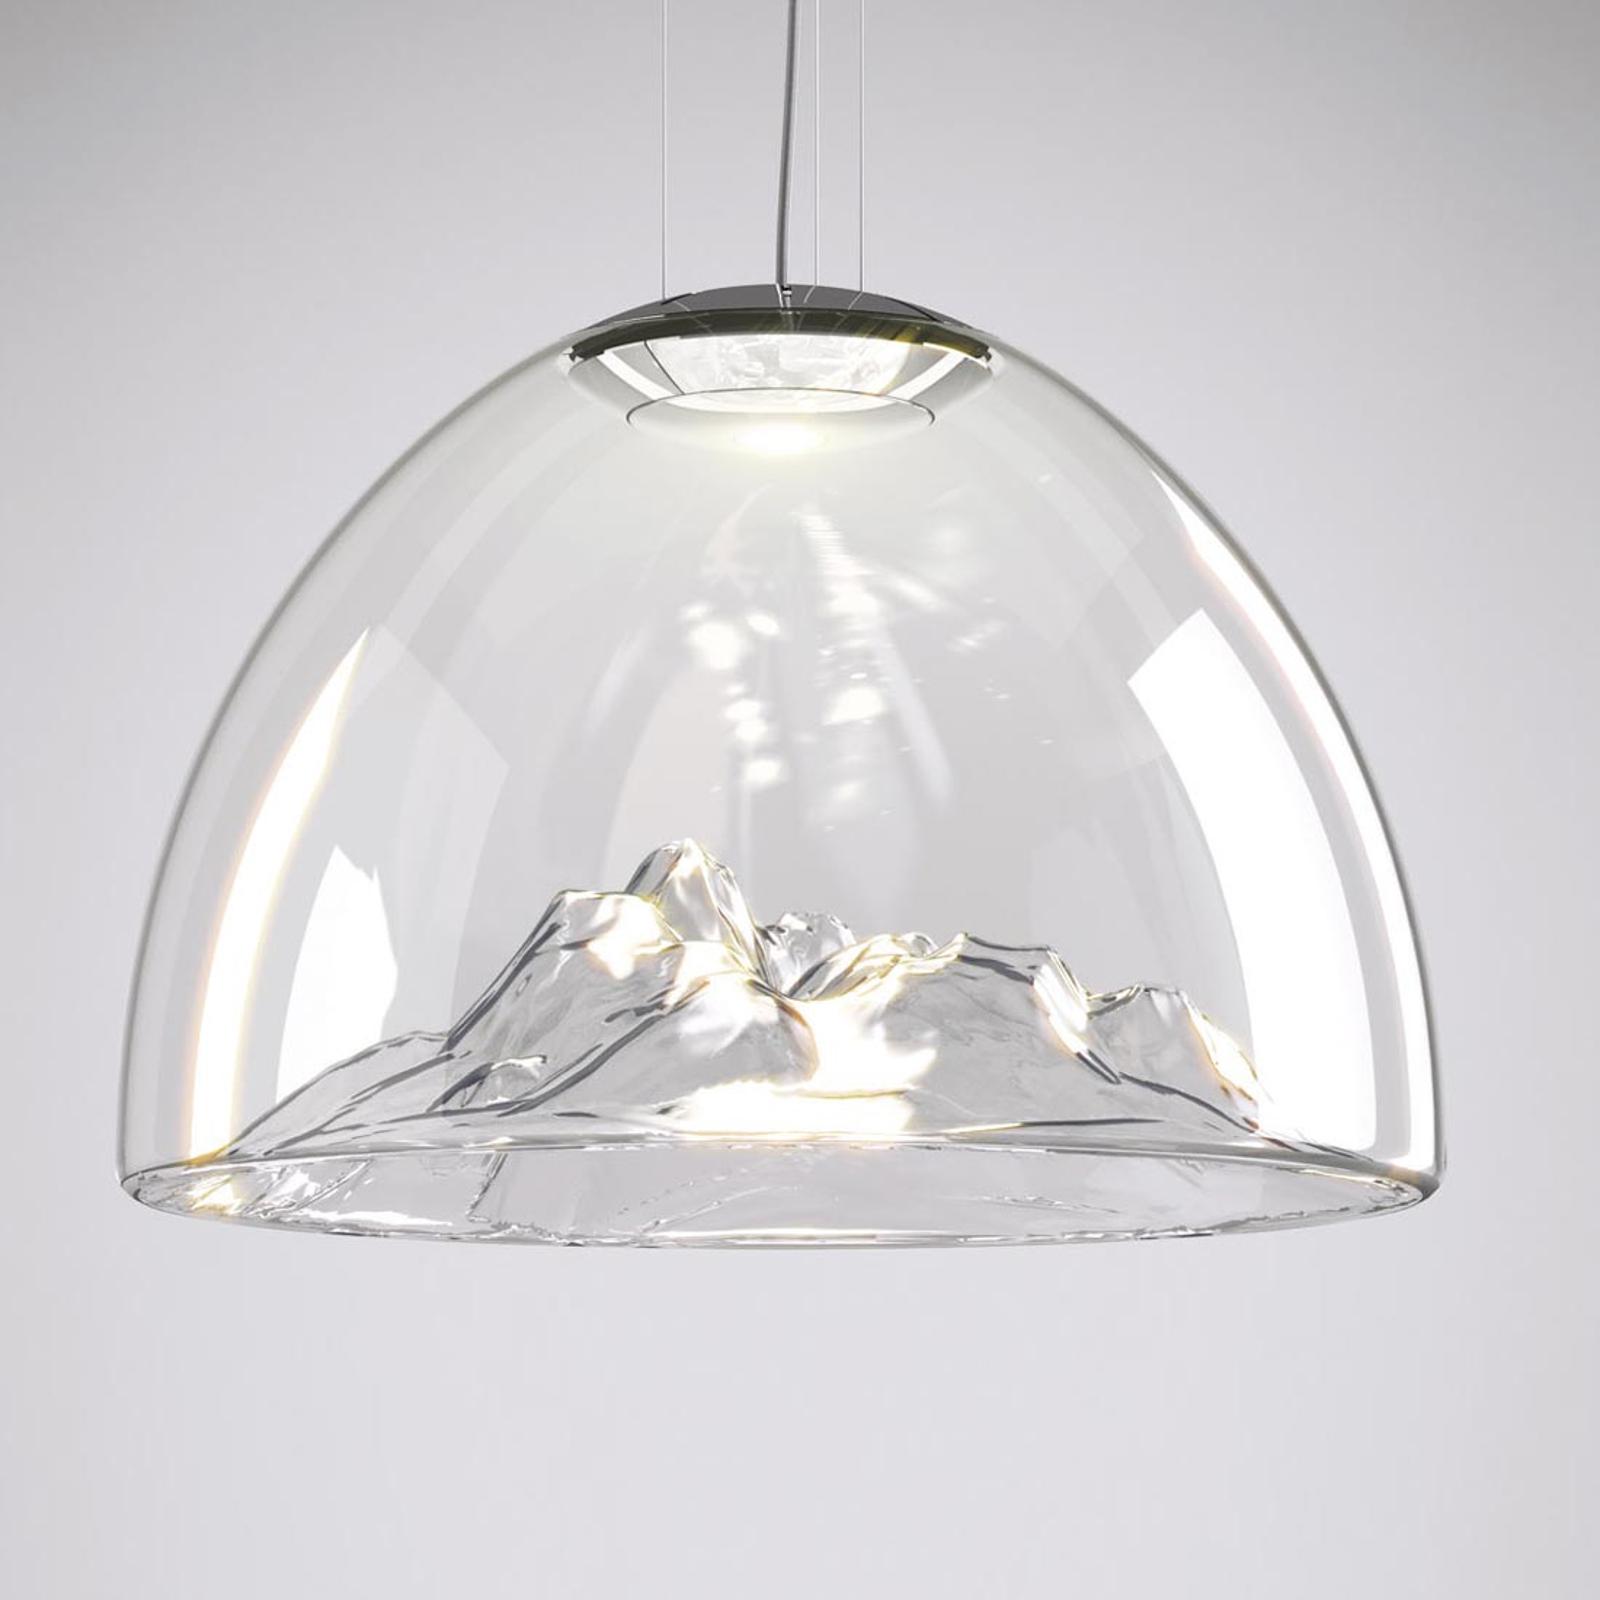 Axolight Mountain View LED hanglamp helder-chroom